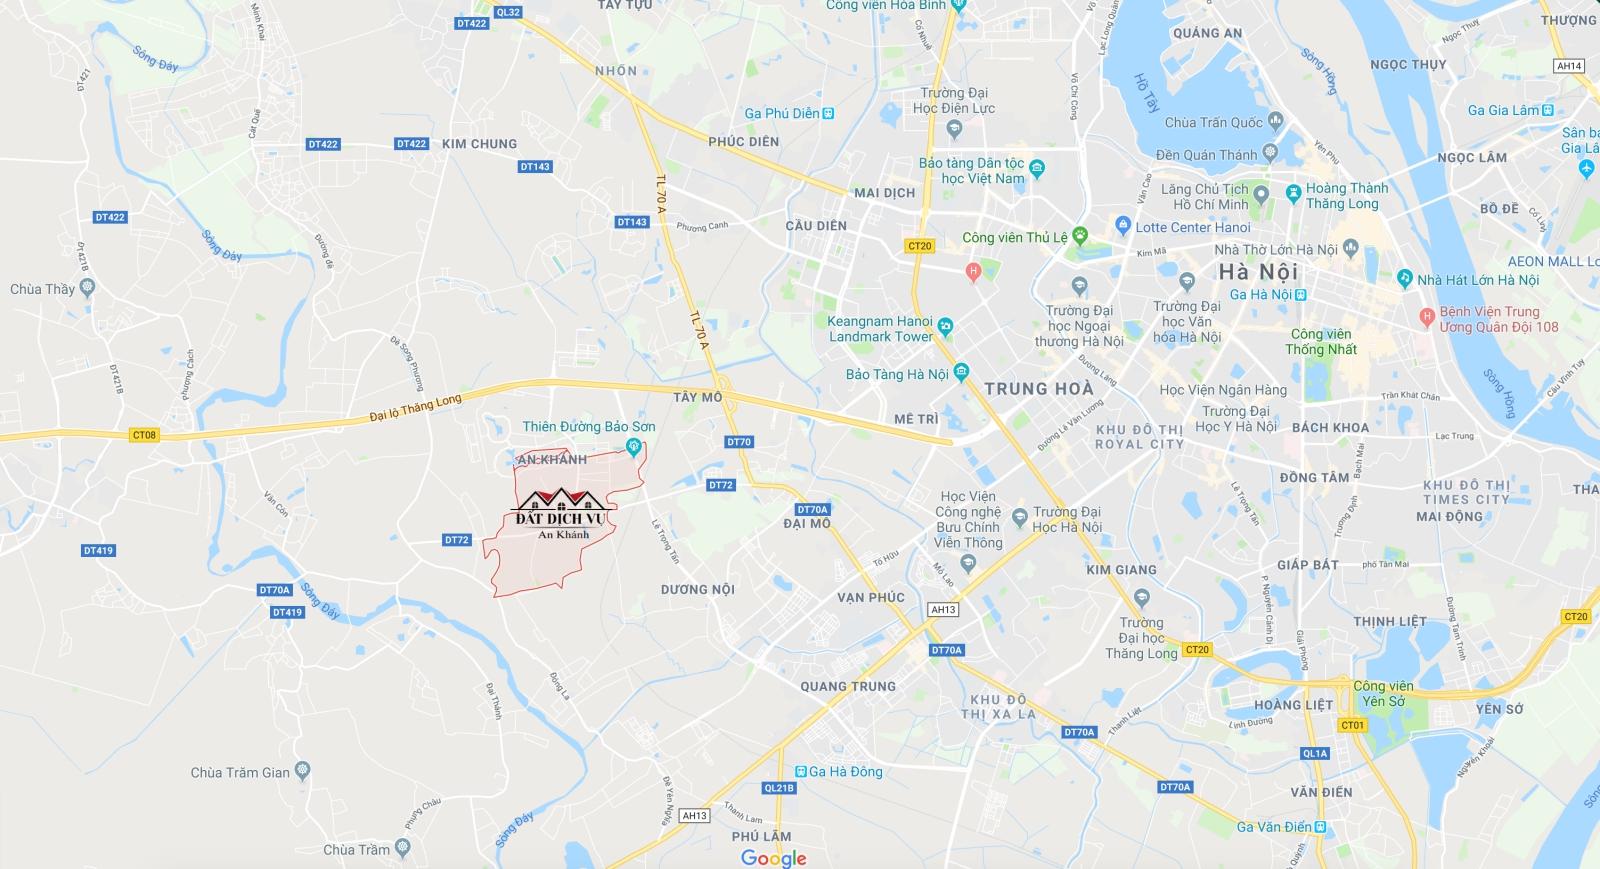 Vị trí dự án đất dịch vụ An Khánh